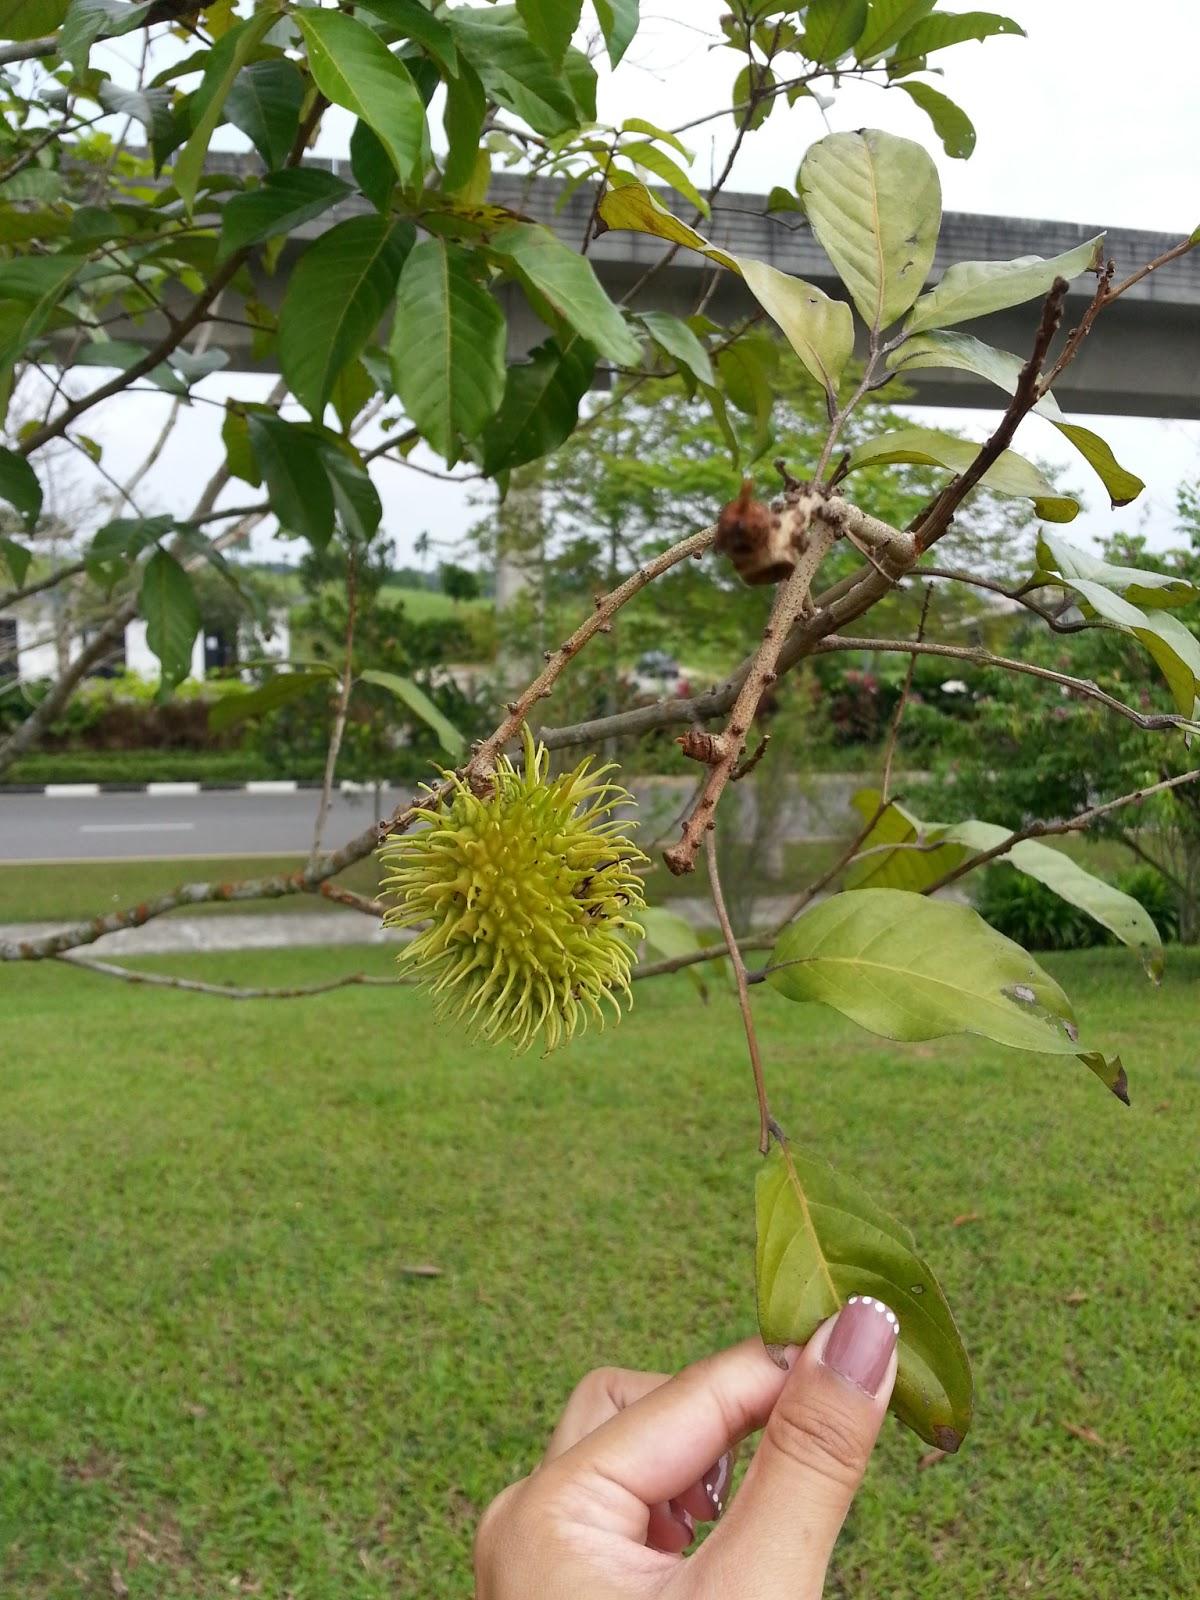 Riverine Parks: Rambutan (Nephelium lappaceum)